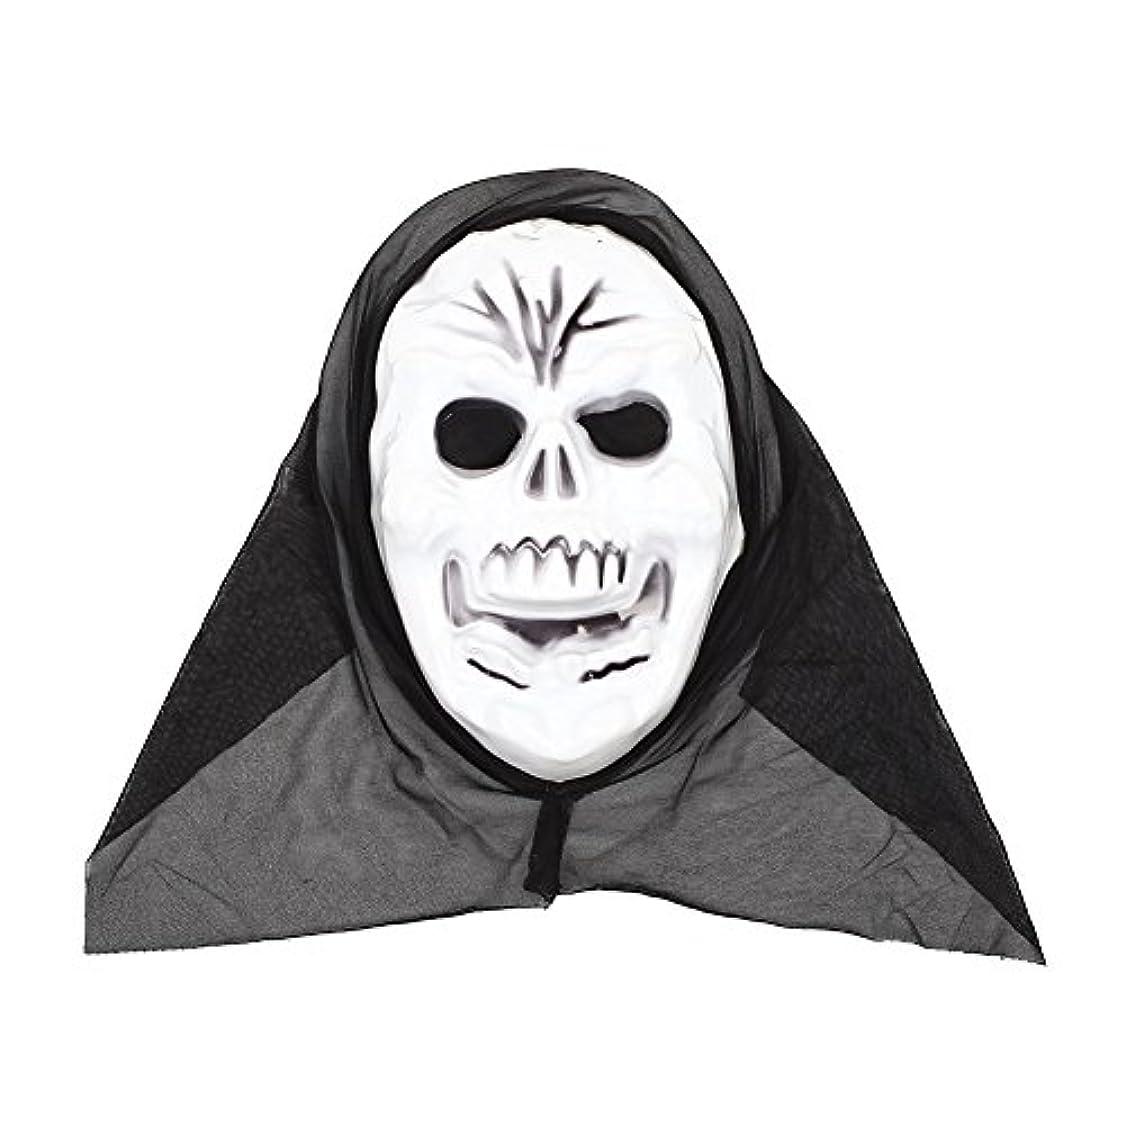 ライド研究スペードAuntwhale ハロウィンマスク大人恐怖コスチューム、スクリームファンシーマスカレードパーティーハロウィンマスク、フェスティバル通気性ギフトヘッドマスク